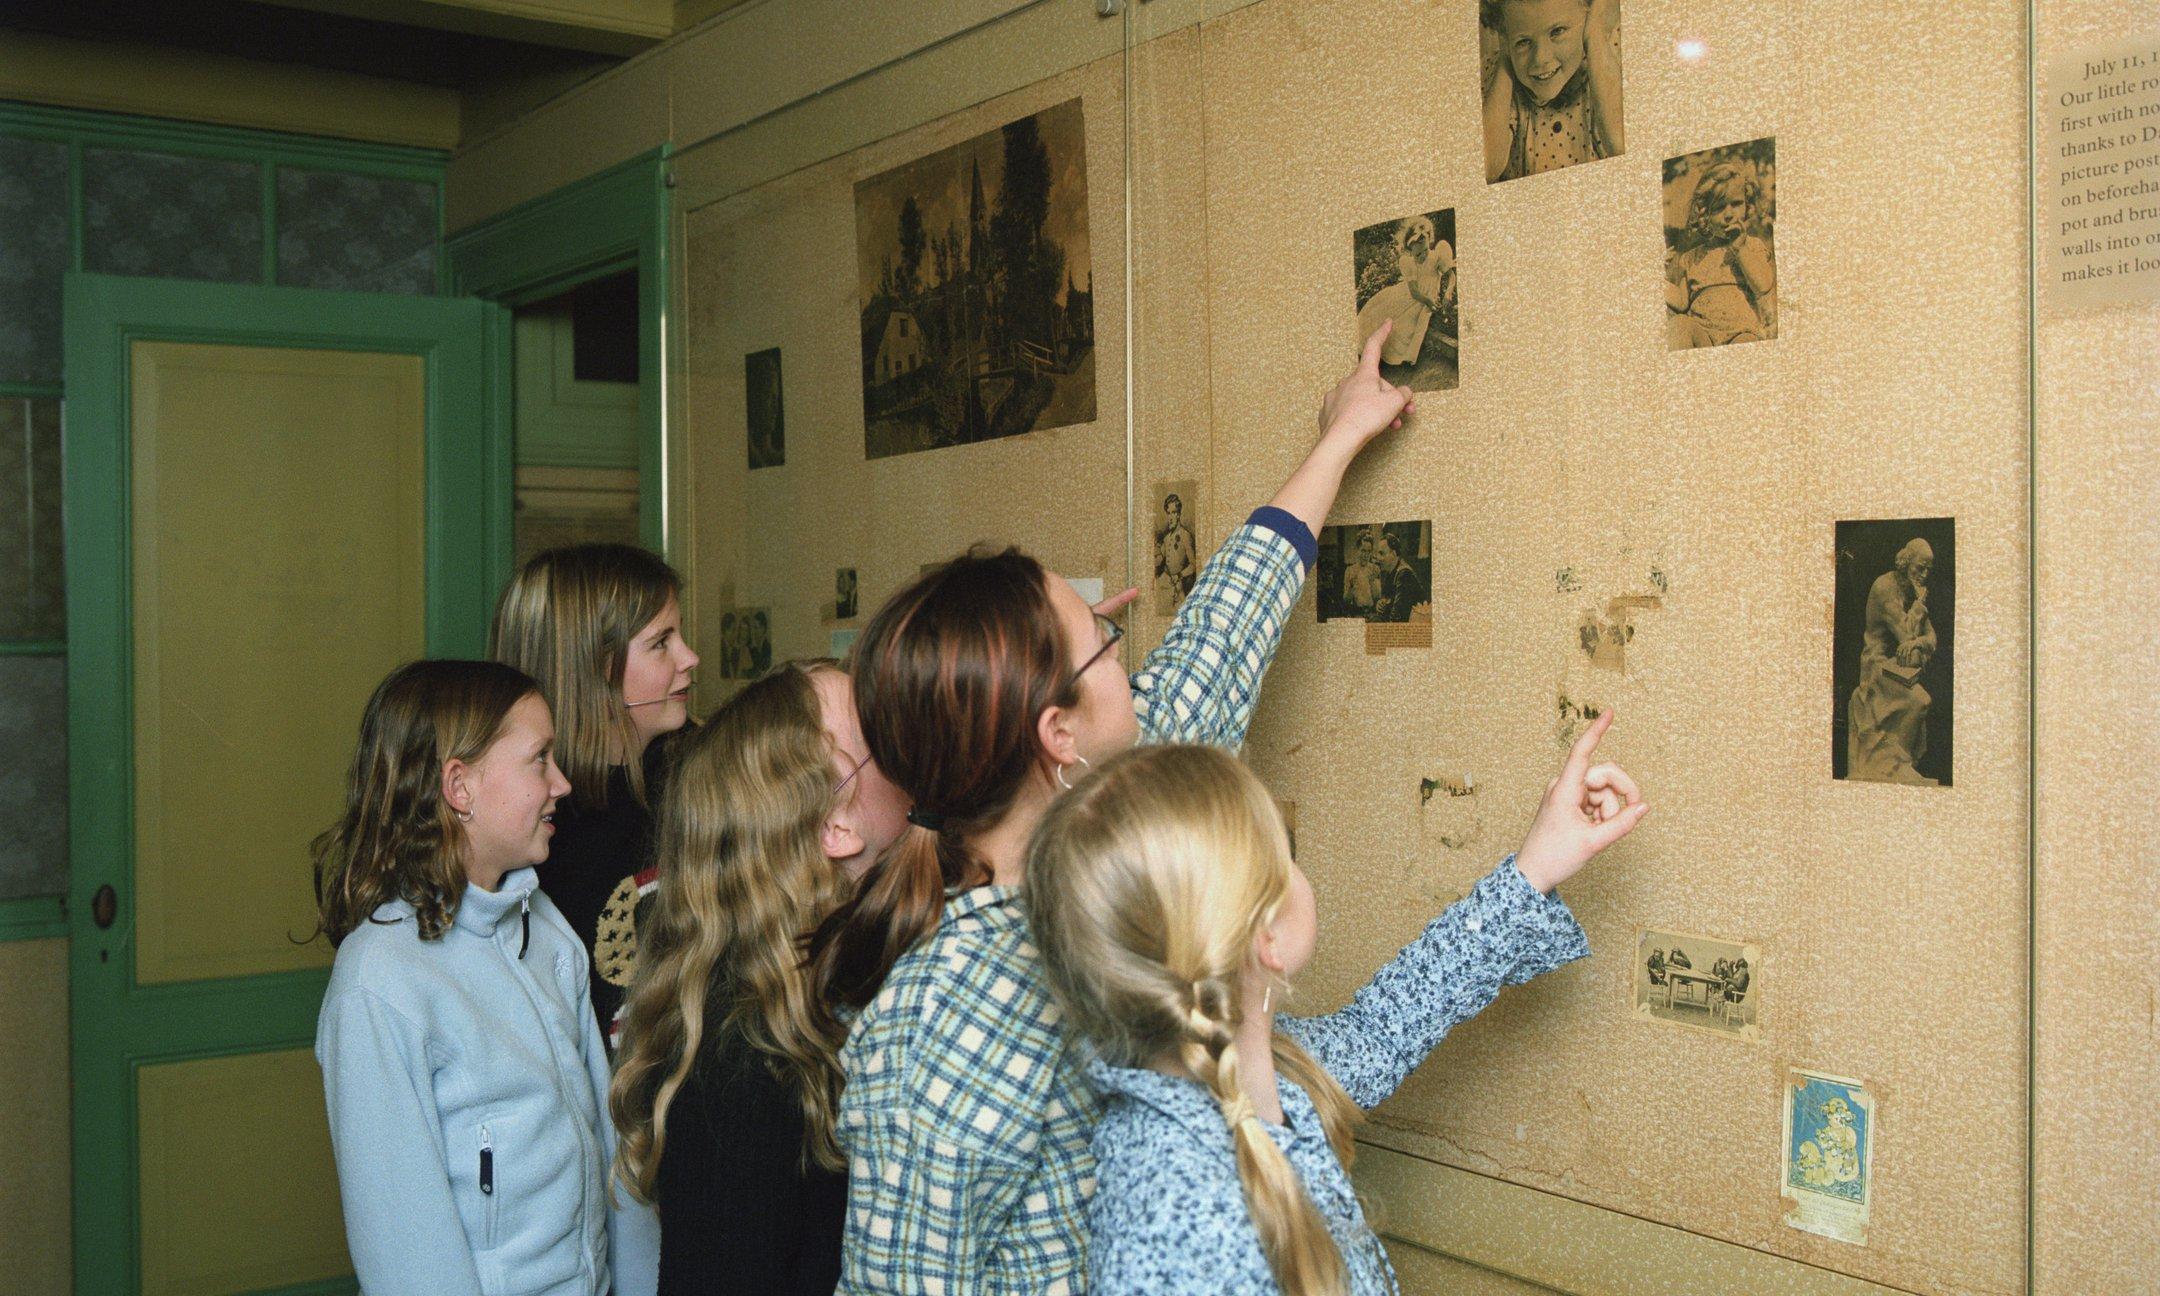 Museumbesucher*innen vor der Bilderwand in Annes Zimmer